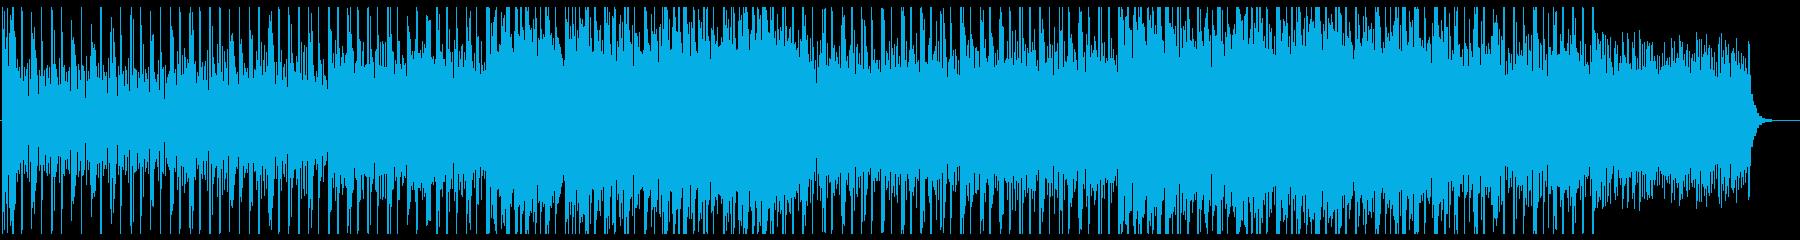 ゆったりと朗らかなシンセポップサウンドの再生済みの波形